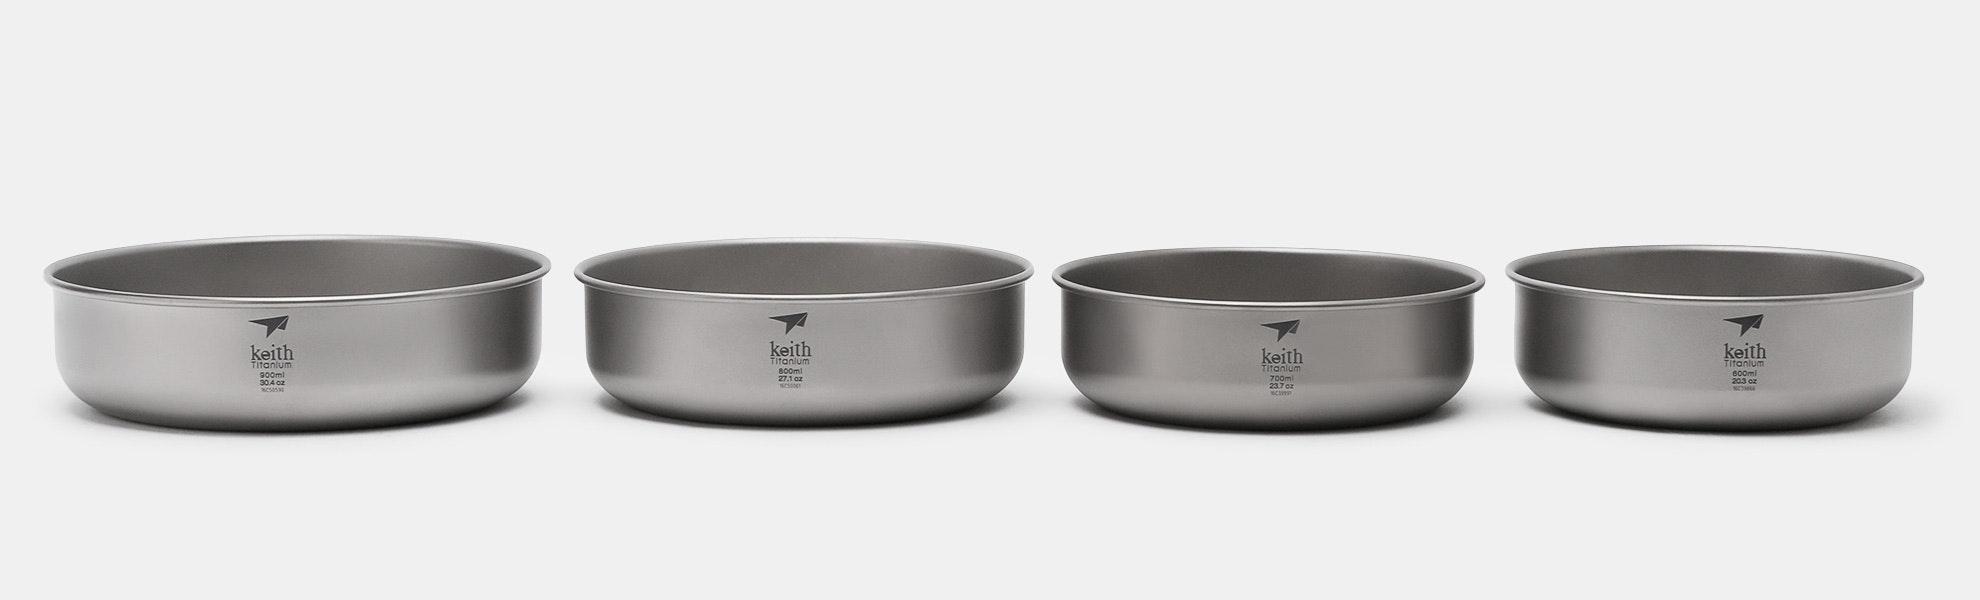 Keith Titanium Ti5376 4-Piece Bowl Set